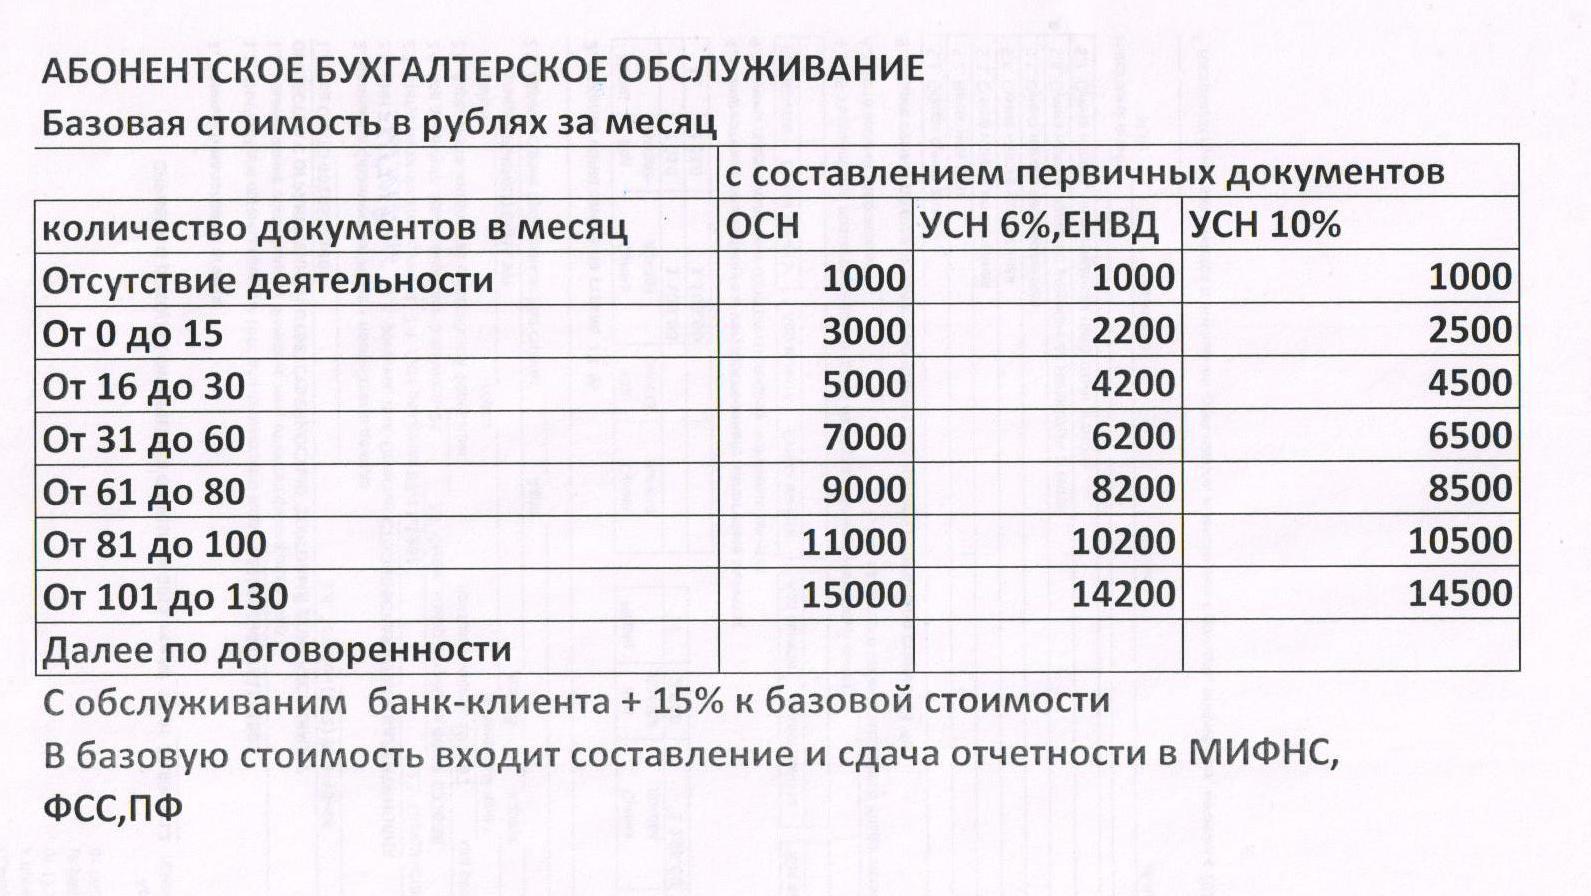 Расходы на бухгалтерские услуги в ооо работа бухгалтера в бюджетной организации москва